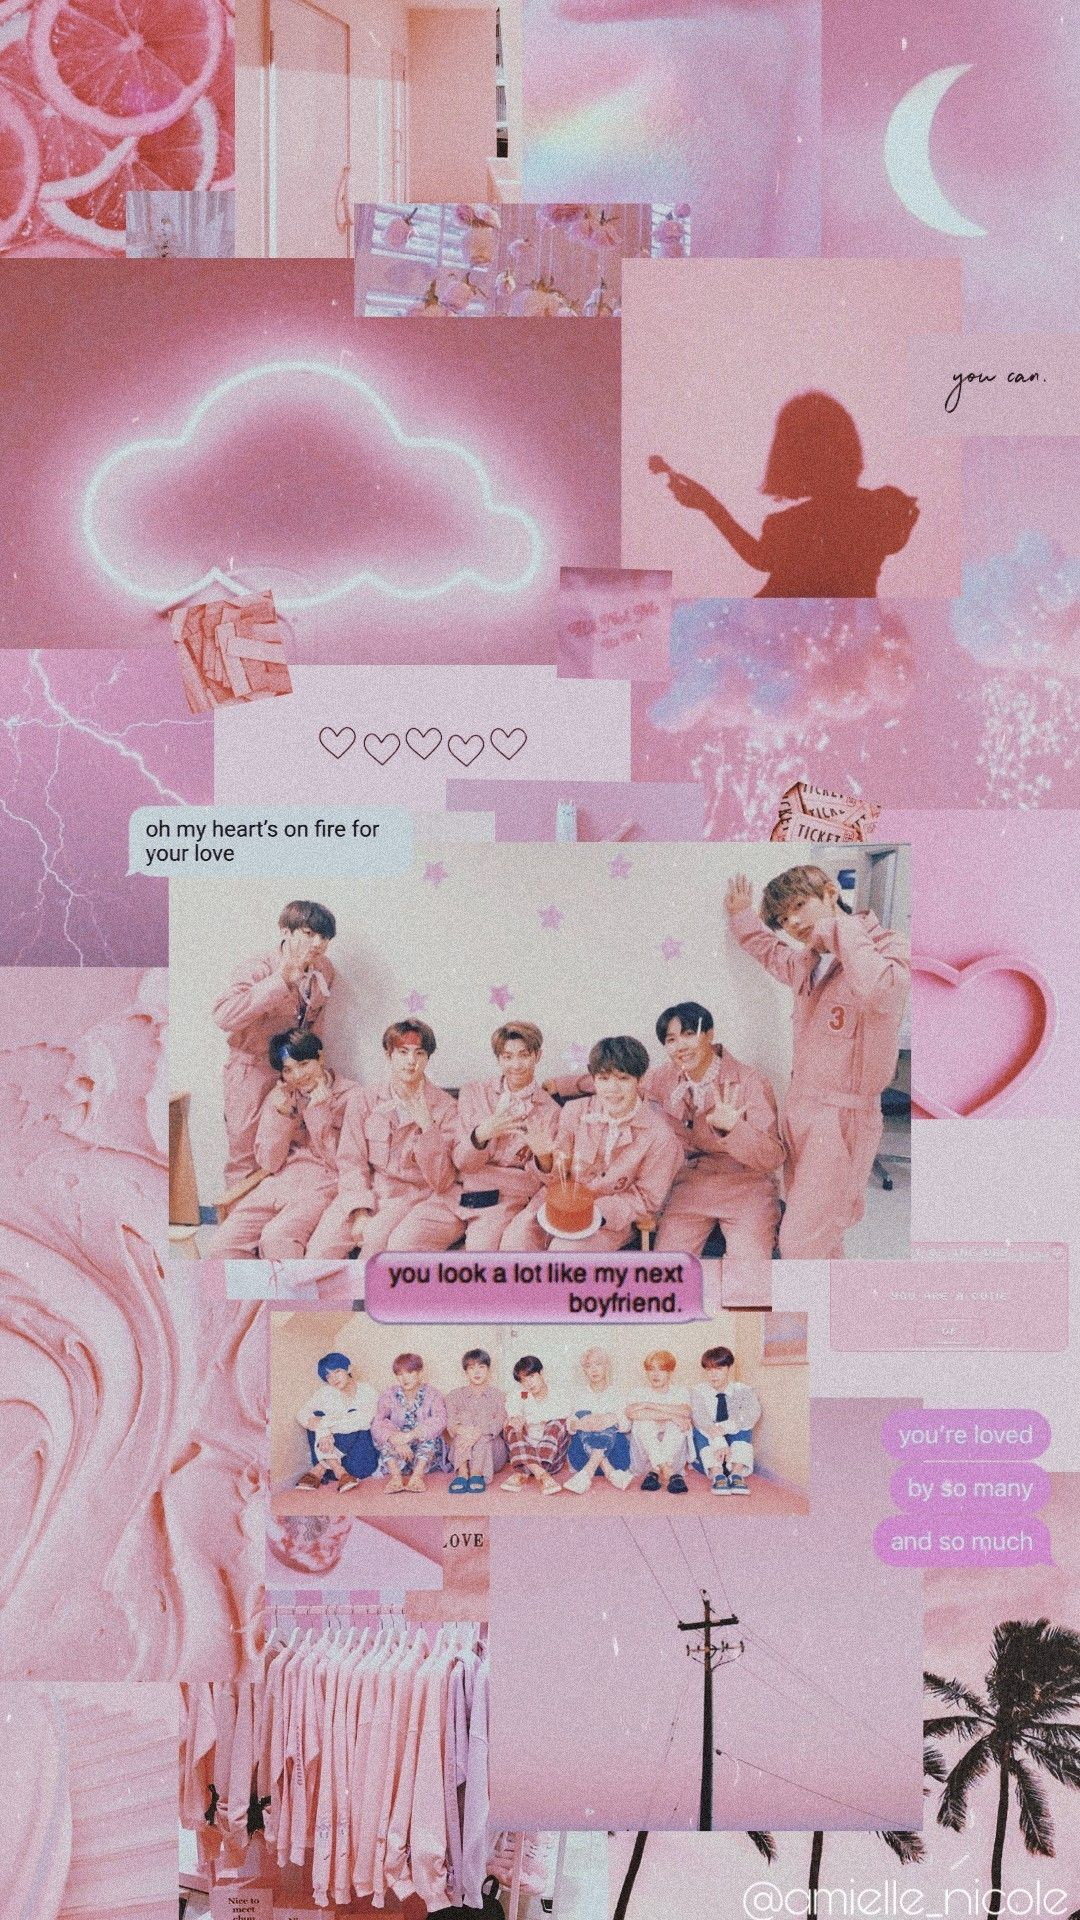 Jungkook Aesthetic Army Love Cute Bts Pink Pinkaesthetic Bts Aesthetic Wallpaper For Phone Bts Laptop Wallpaper Bts Jungkook